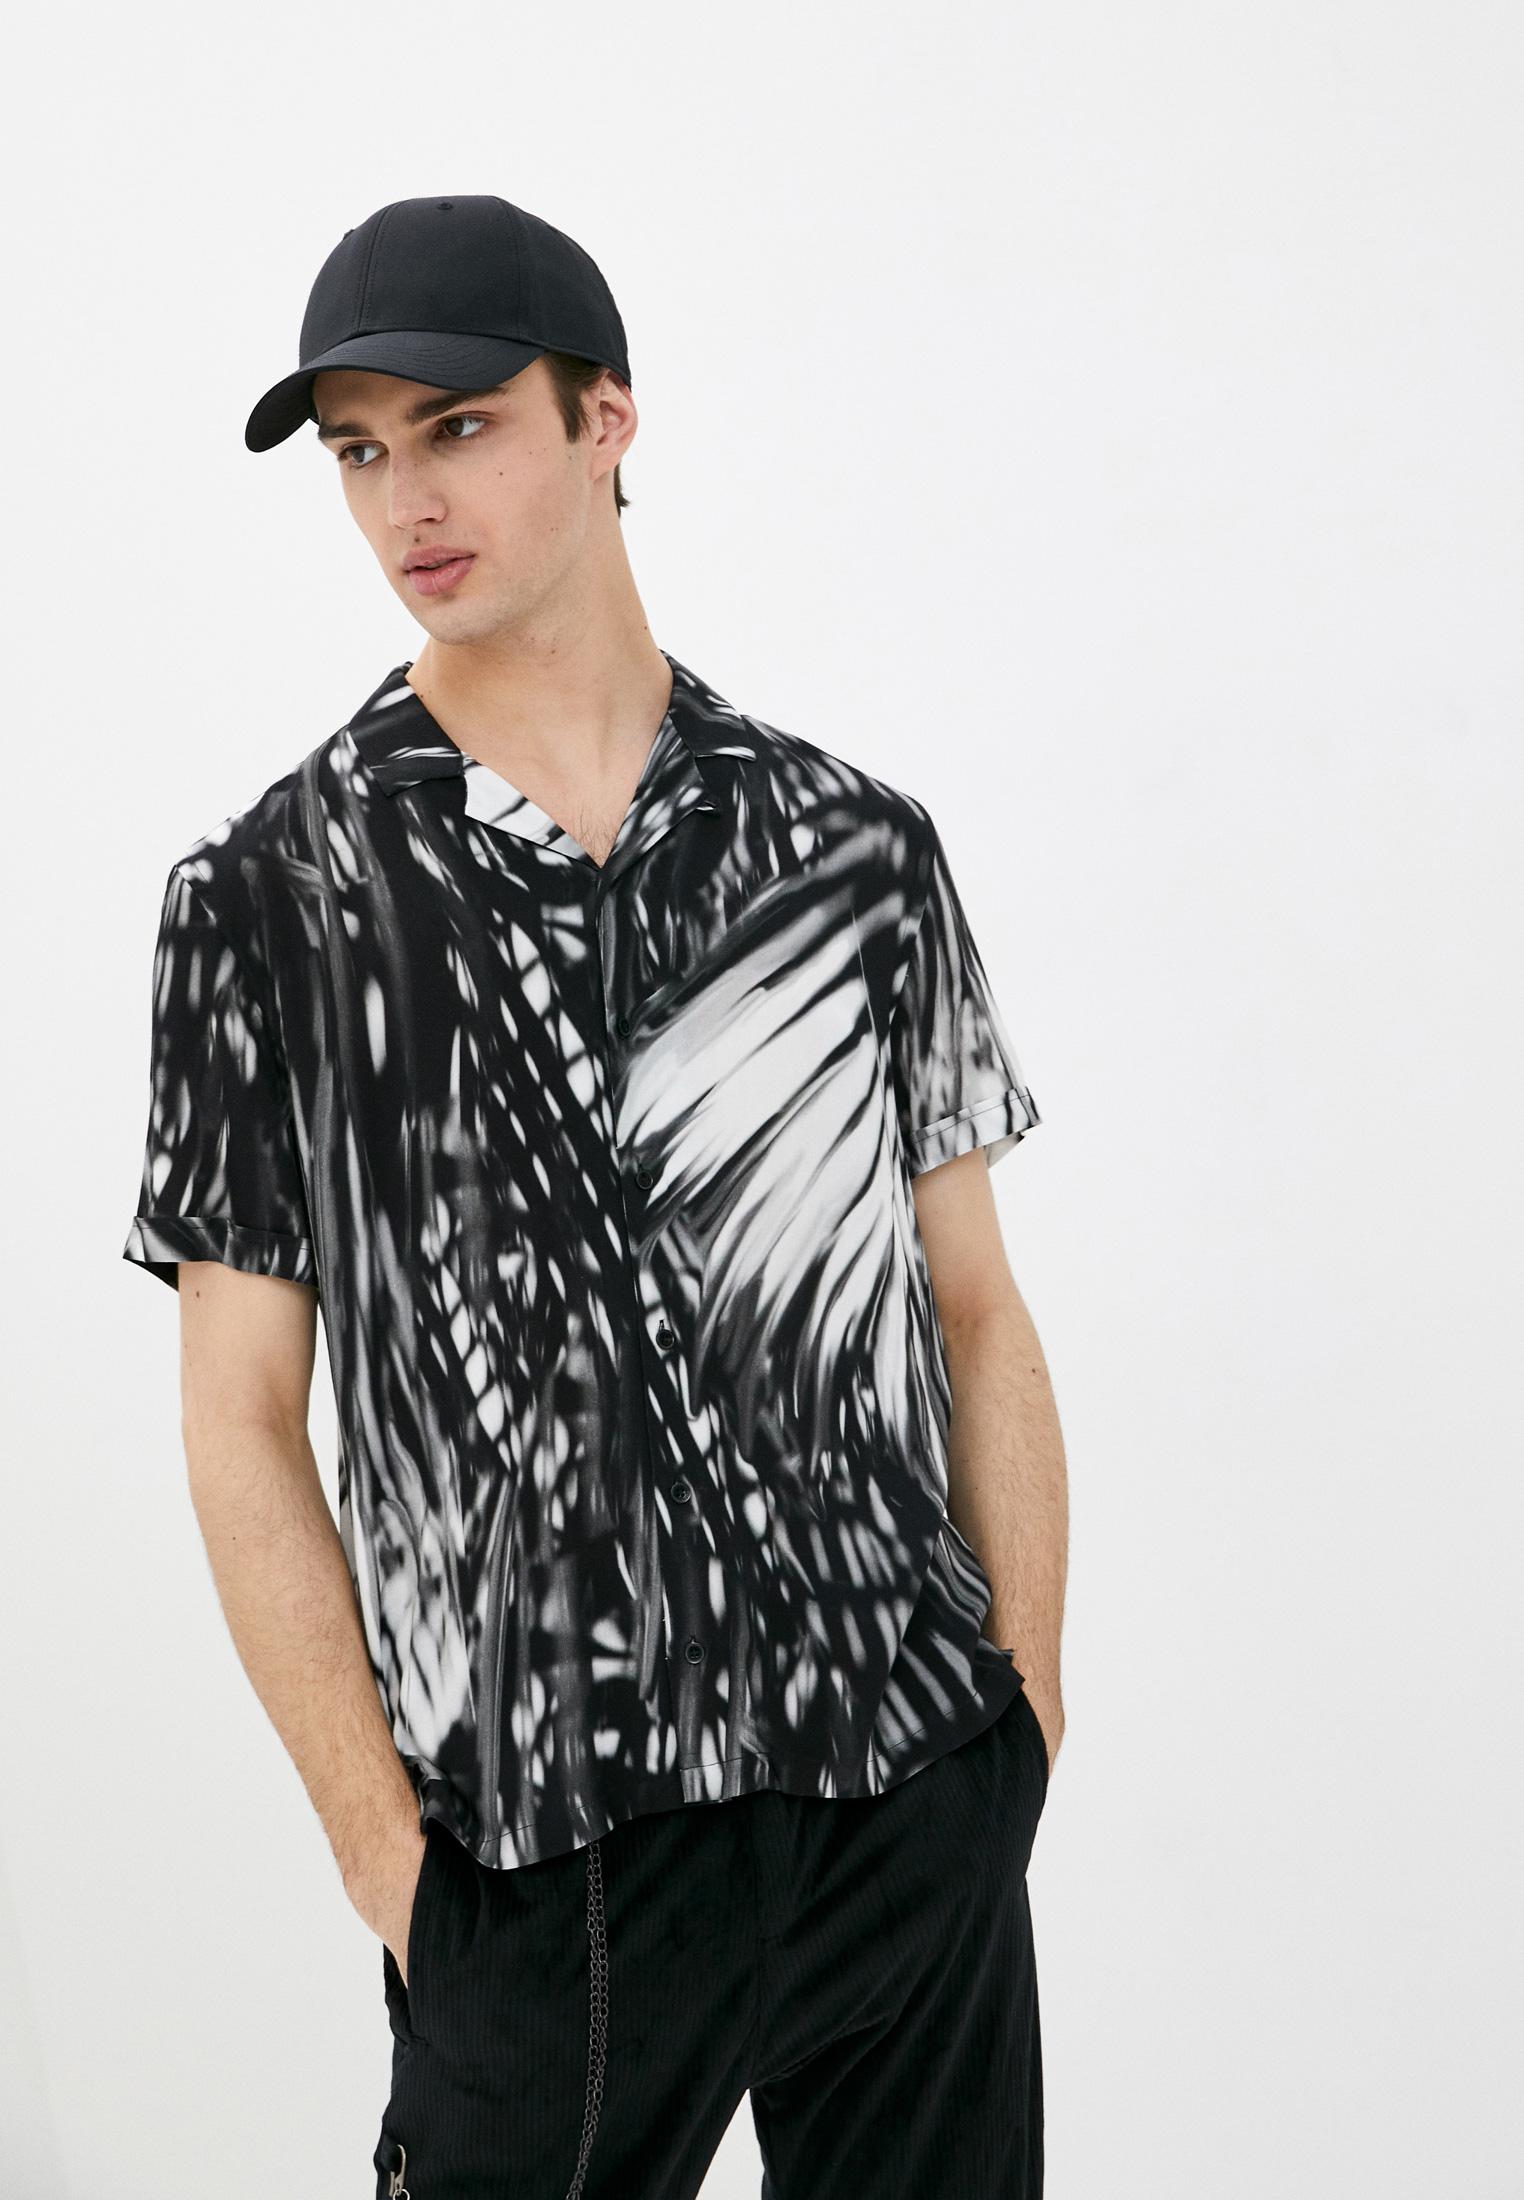 Рубашка с длинным рукавом Desigual (Дезигуаль) Рубашка Desigual